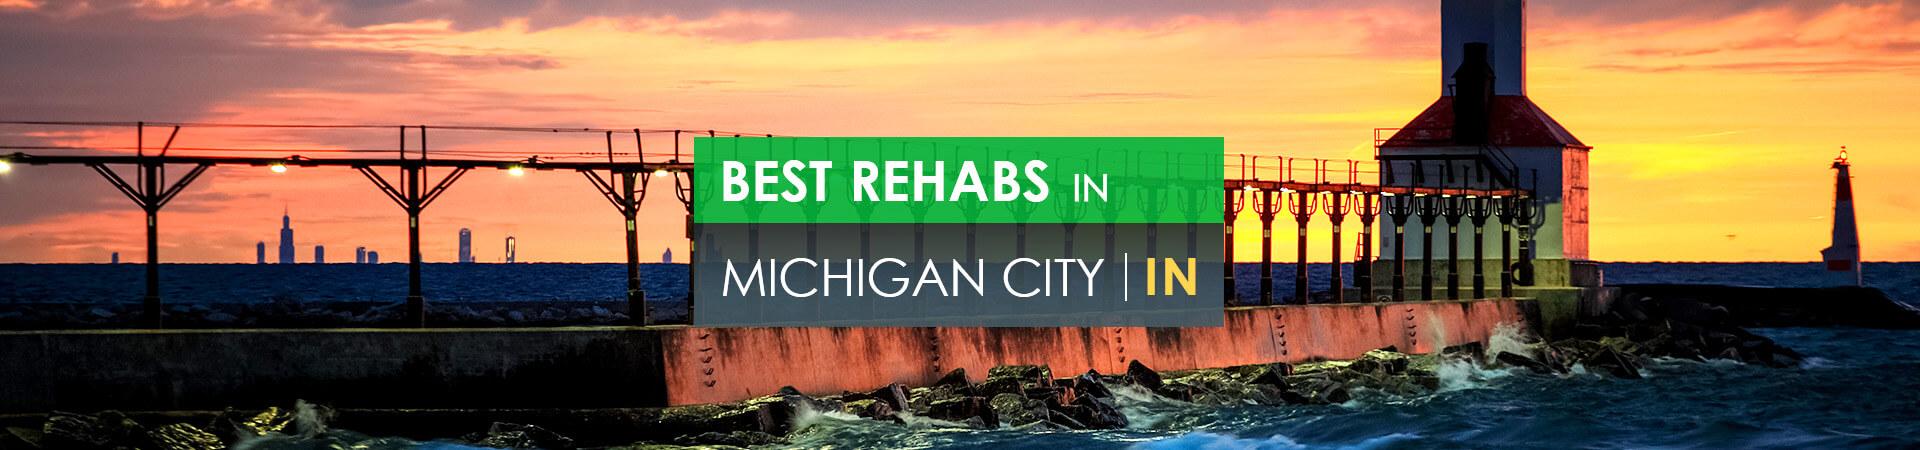 Best rehabs in Michigan City, IN